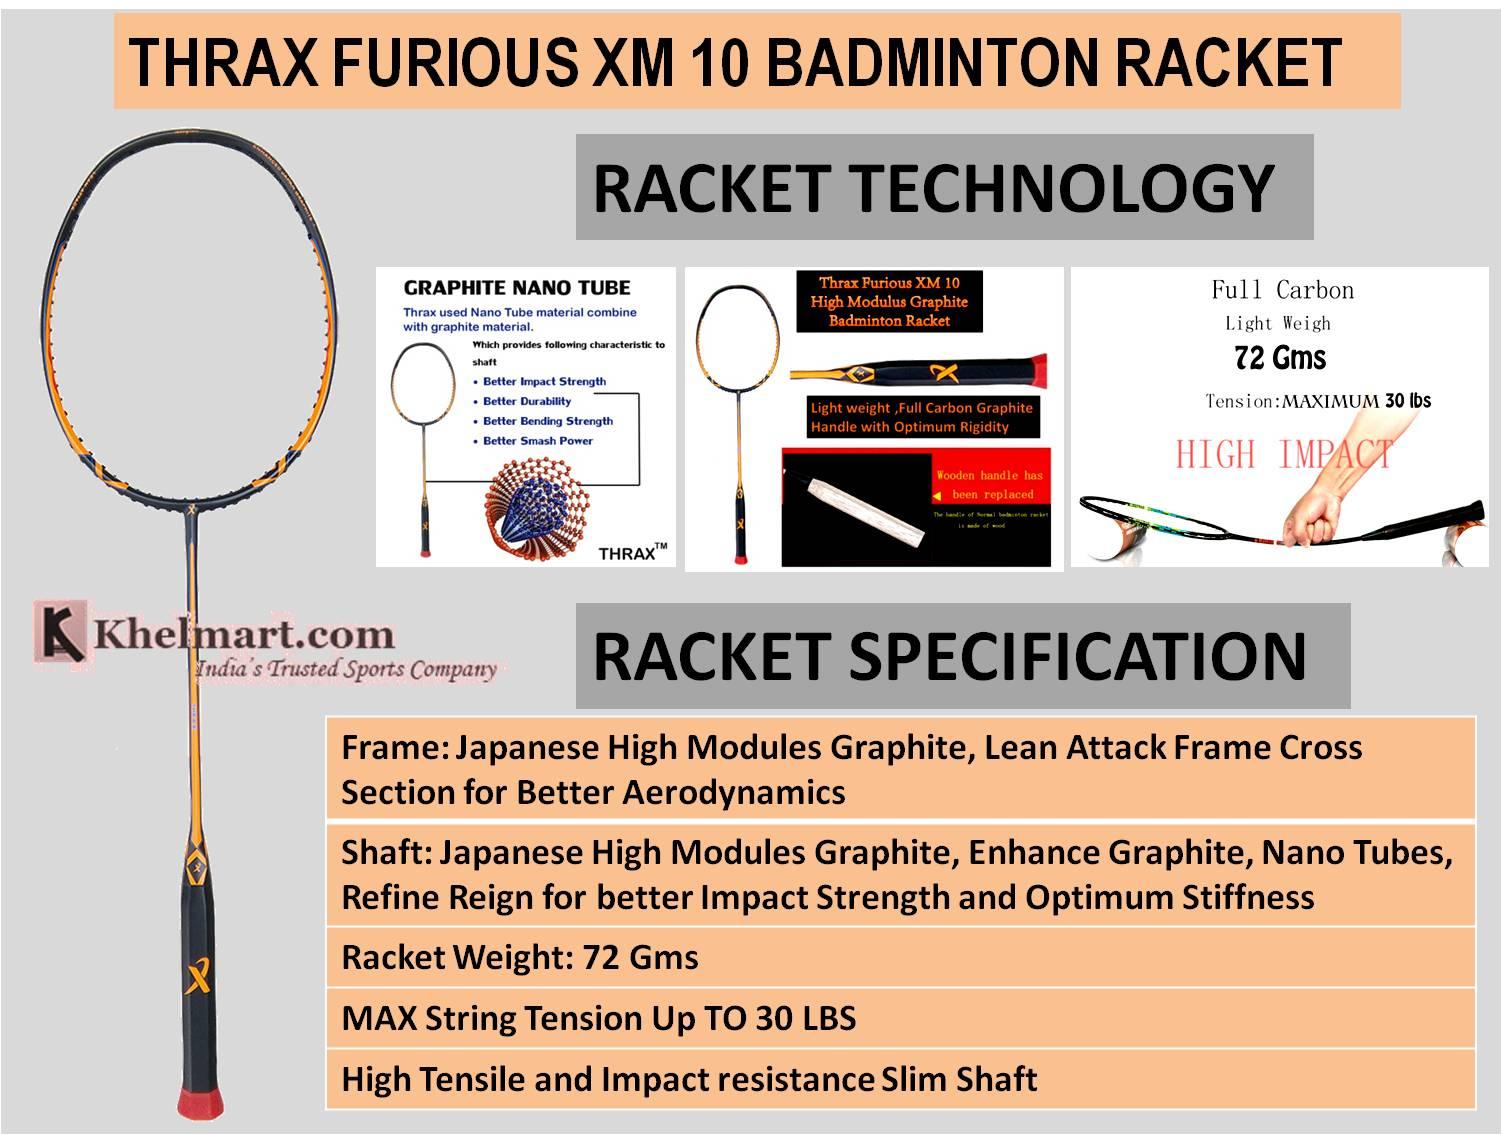 THRAX_FURIOUS_XM_RACKET